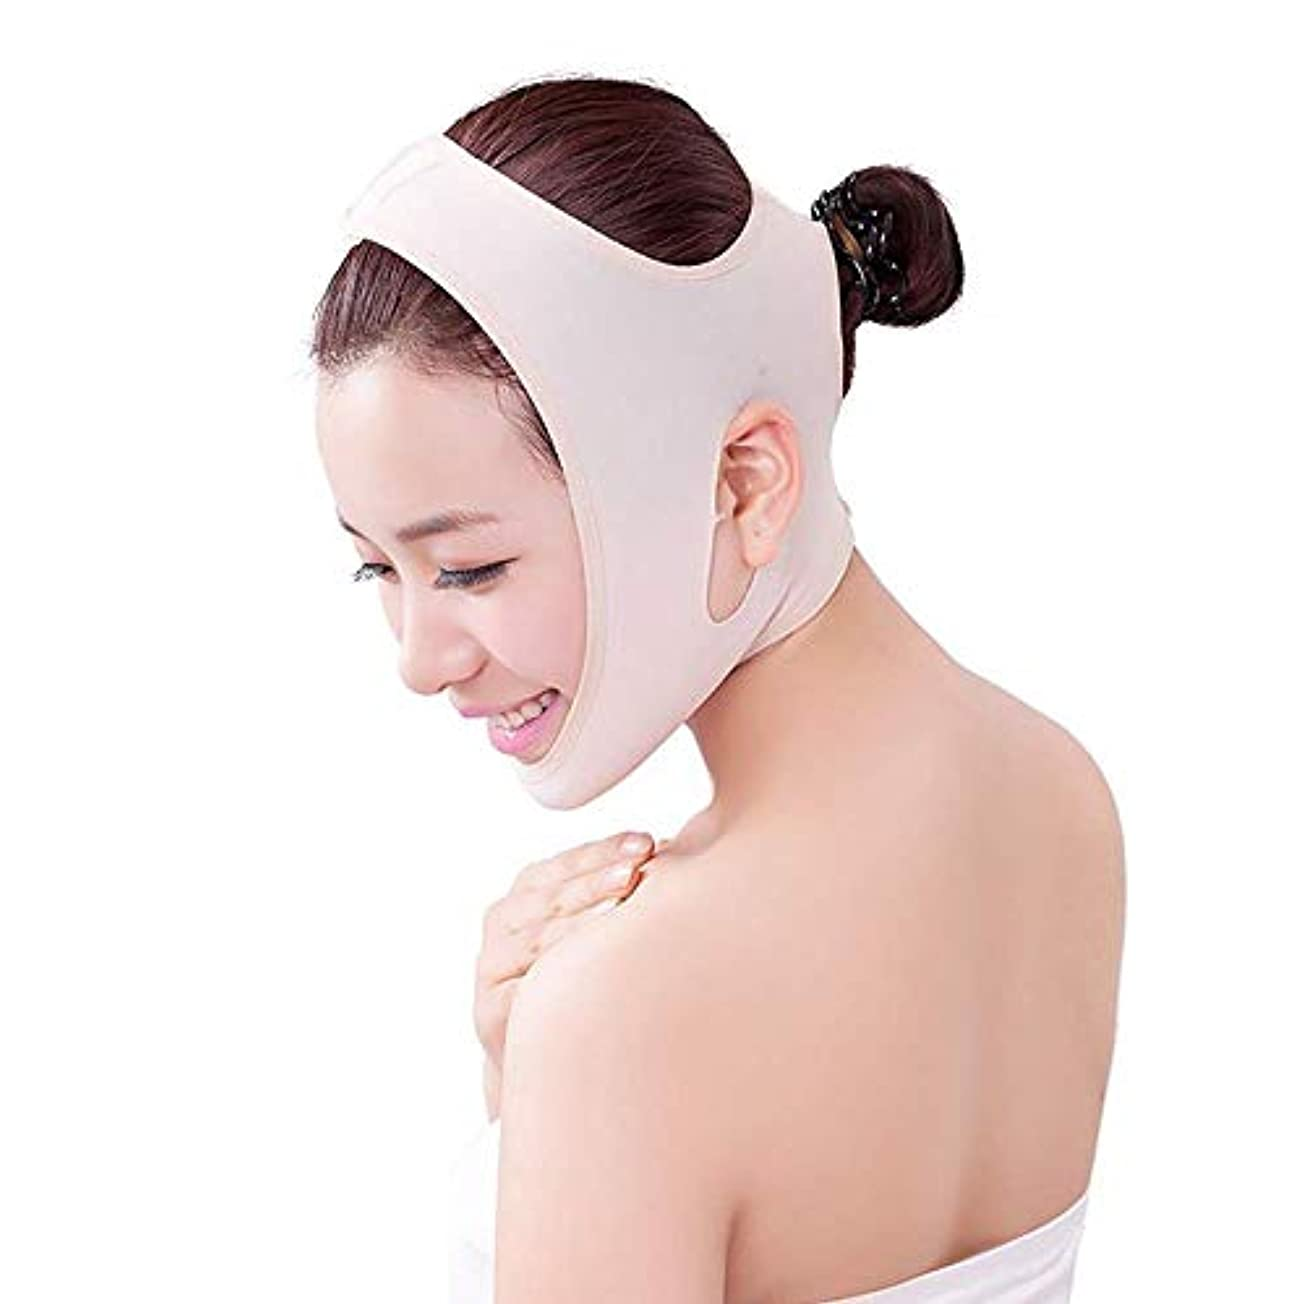 あそこぶら下がる母性薄型フェイスベルト - 男性用および女性用の包帯をフランスの顔用リフティングマスク器具に引き締める薄型フェイスVフェイス薄型ダブルチンフェイスリフティングベルト(サイズ:M),S